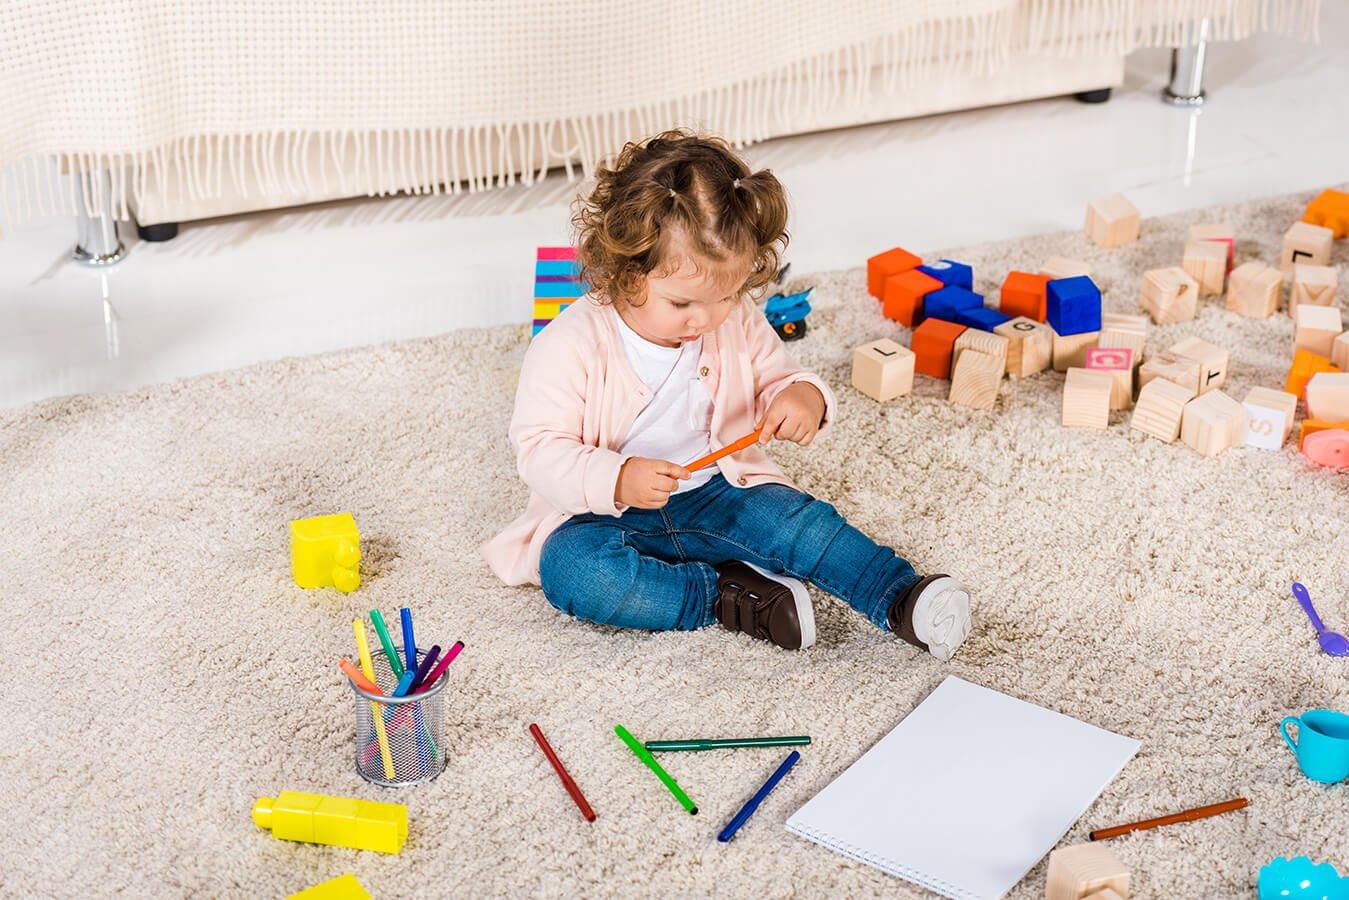 Czyszczenie dywanów – czyli wiedza szczególnie ważna dla rodzica